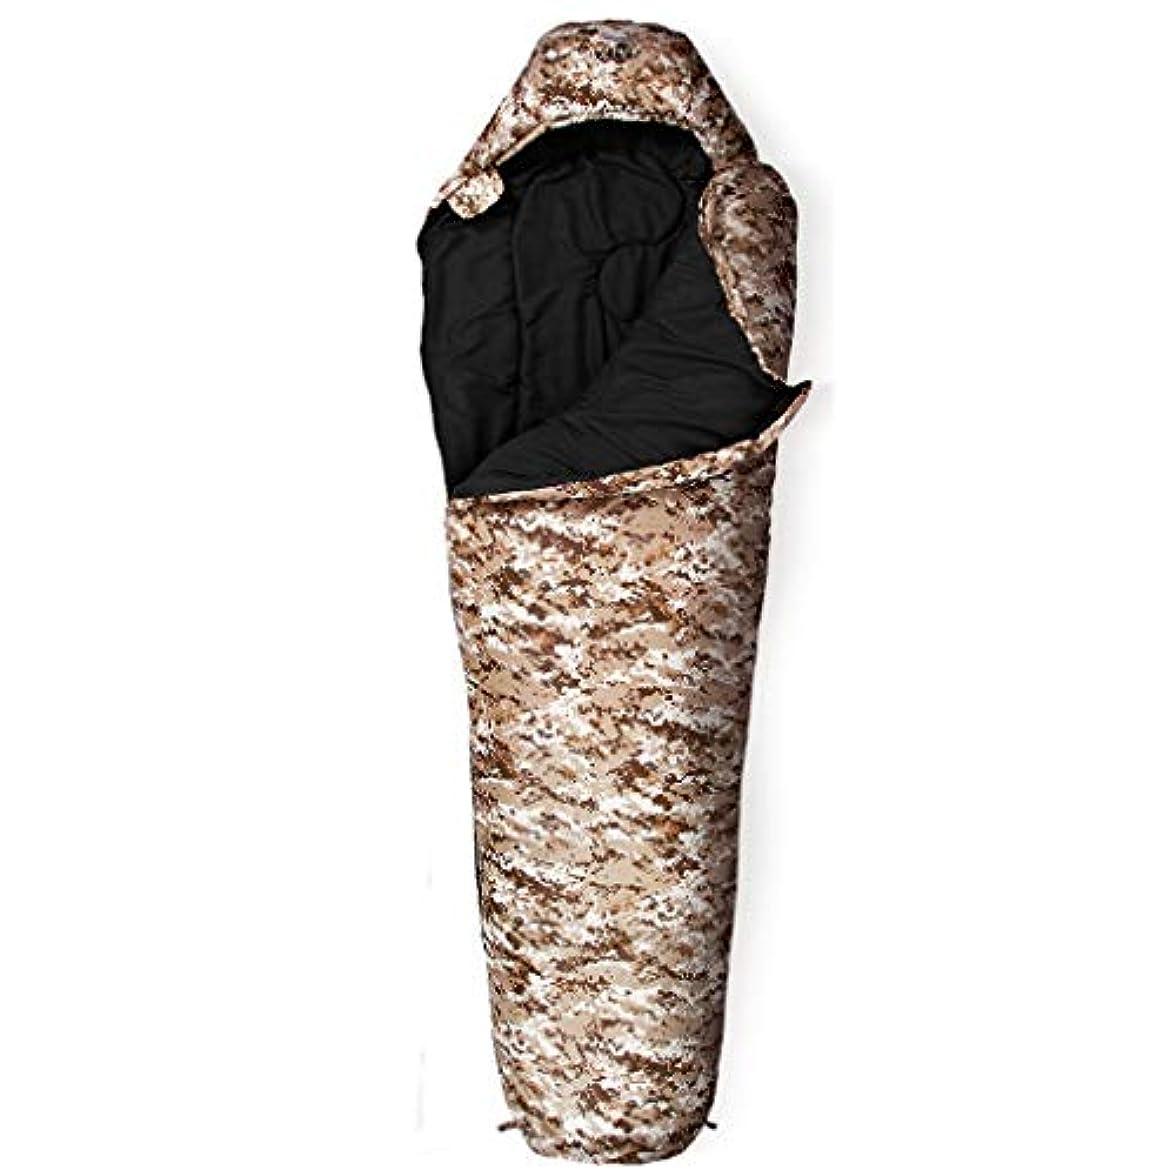 みがきます口述する魔術寝袋アウトドアキャンプ屋内ランチブレイクホテルアイソレーションダーティウォームポータブル(約10℃に適しています) (色 : B)